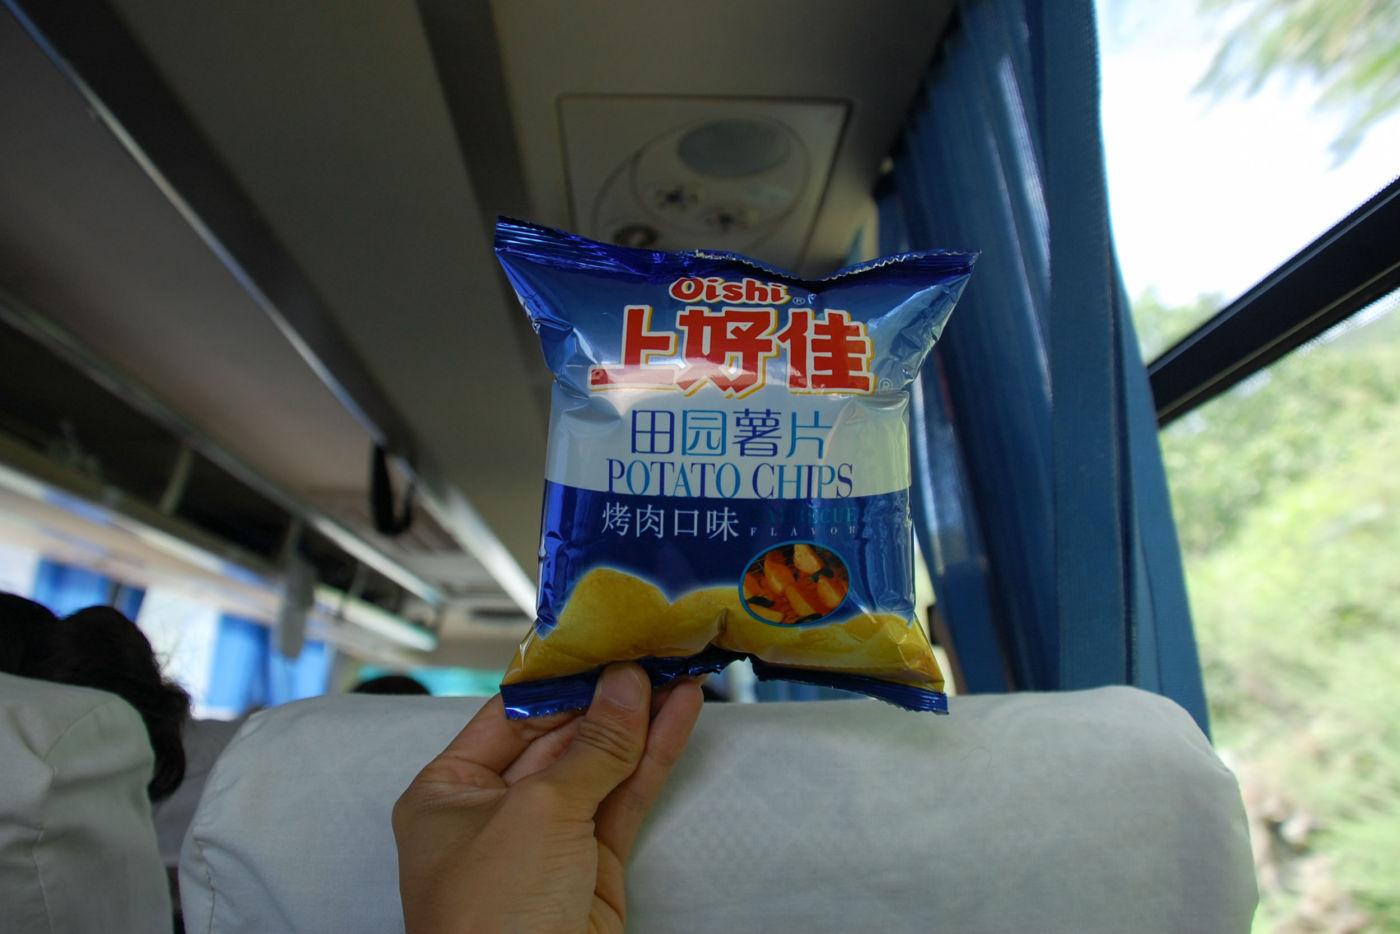 パンパンに膨れたポテトチップスの袋